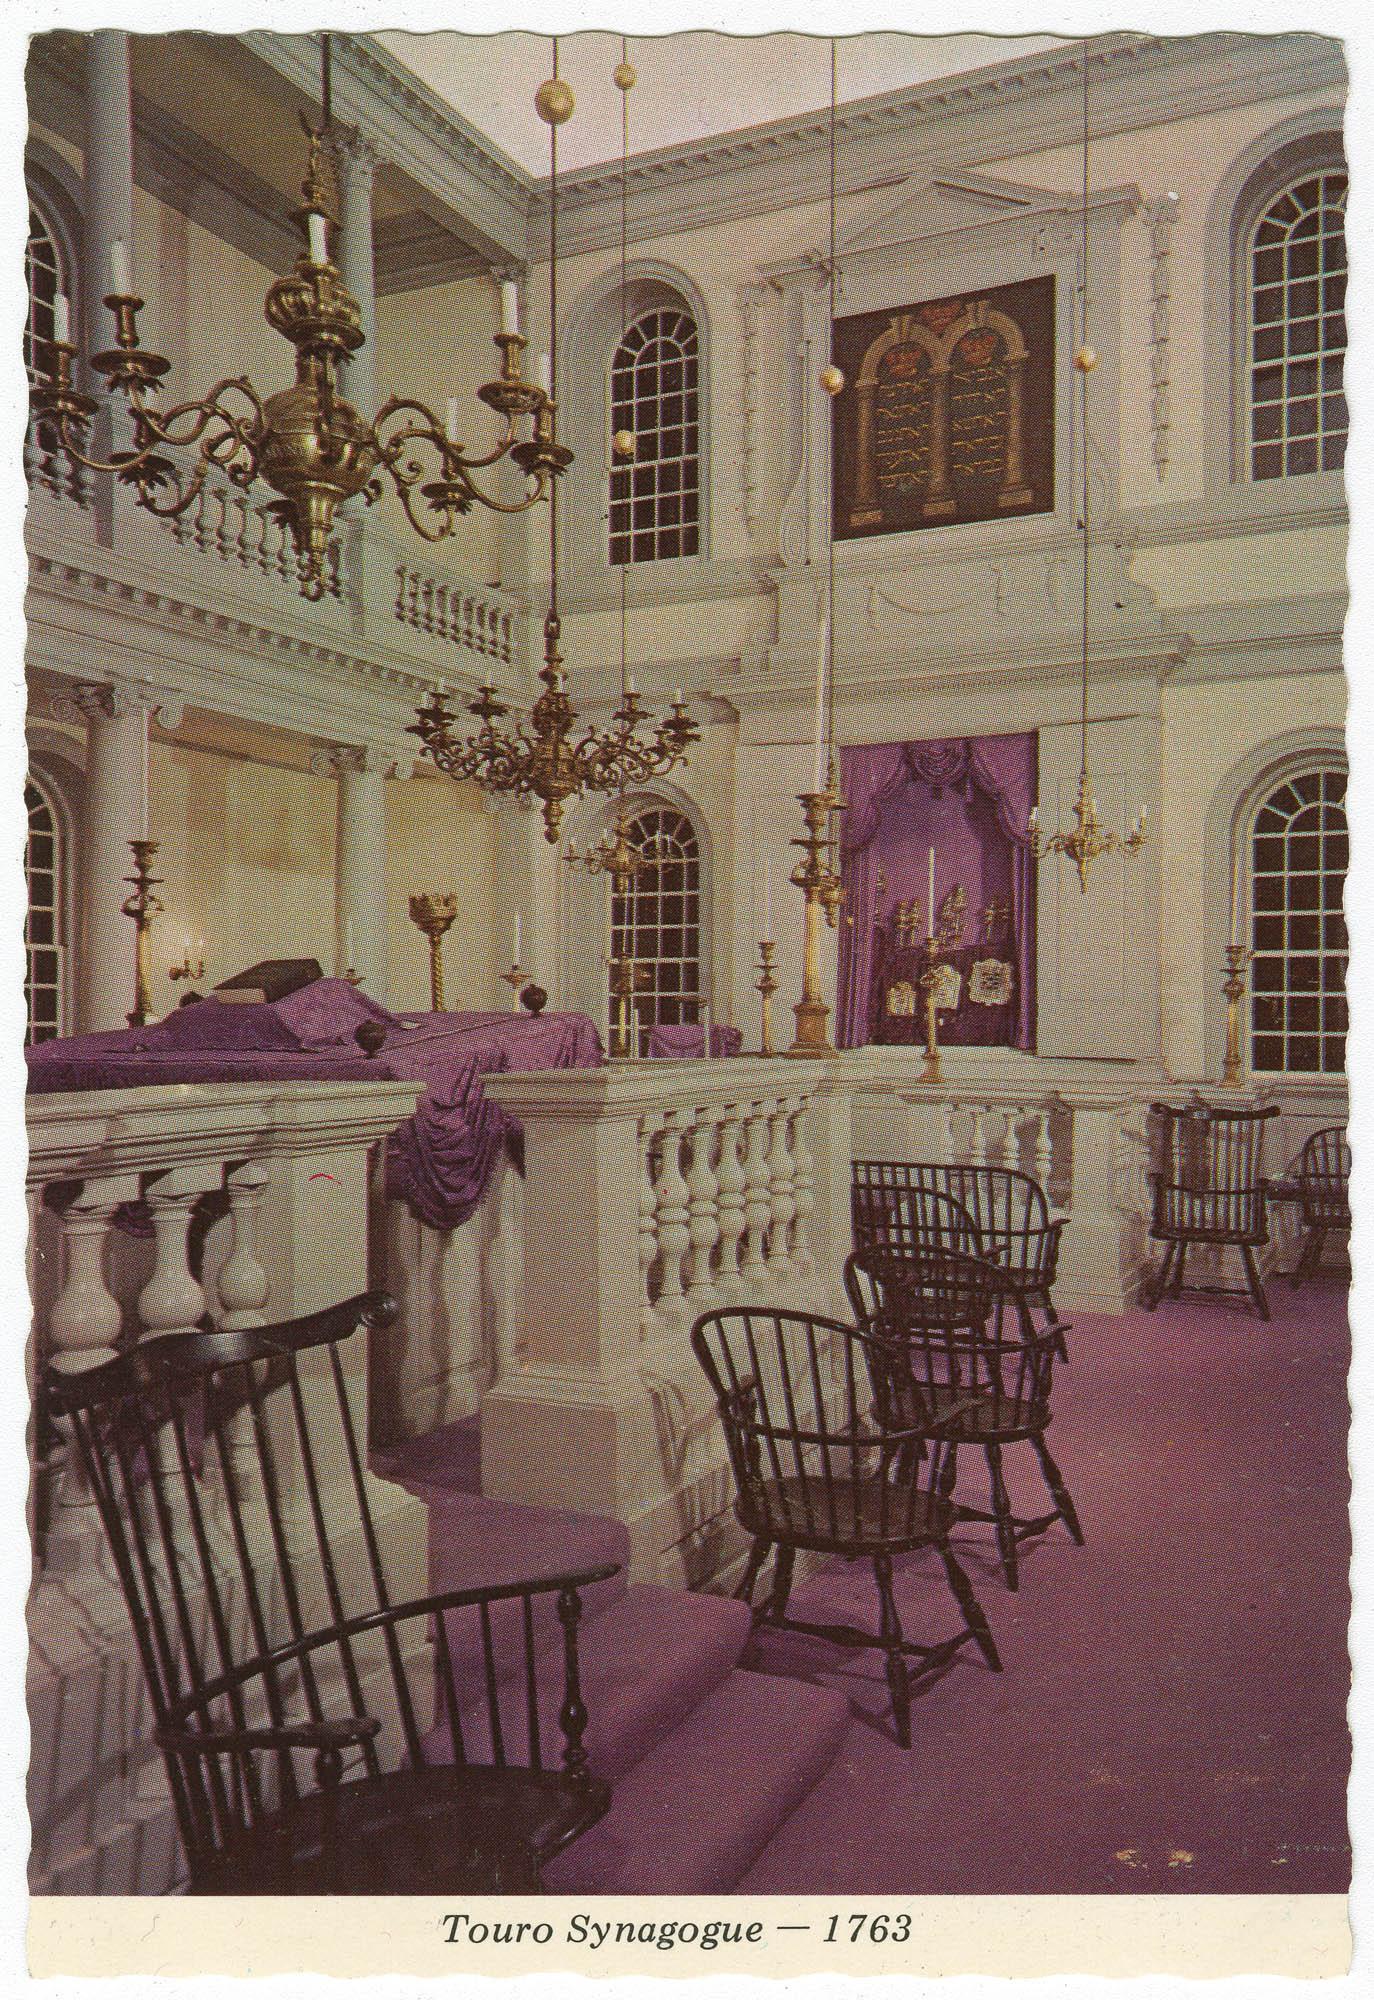 Touro Synagogue - 1763